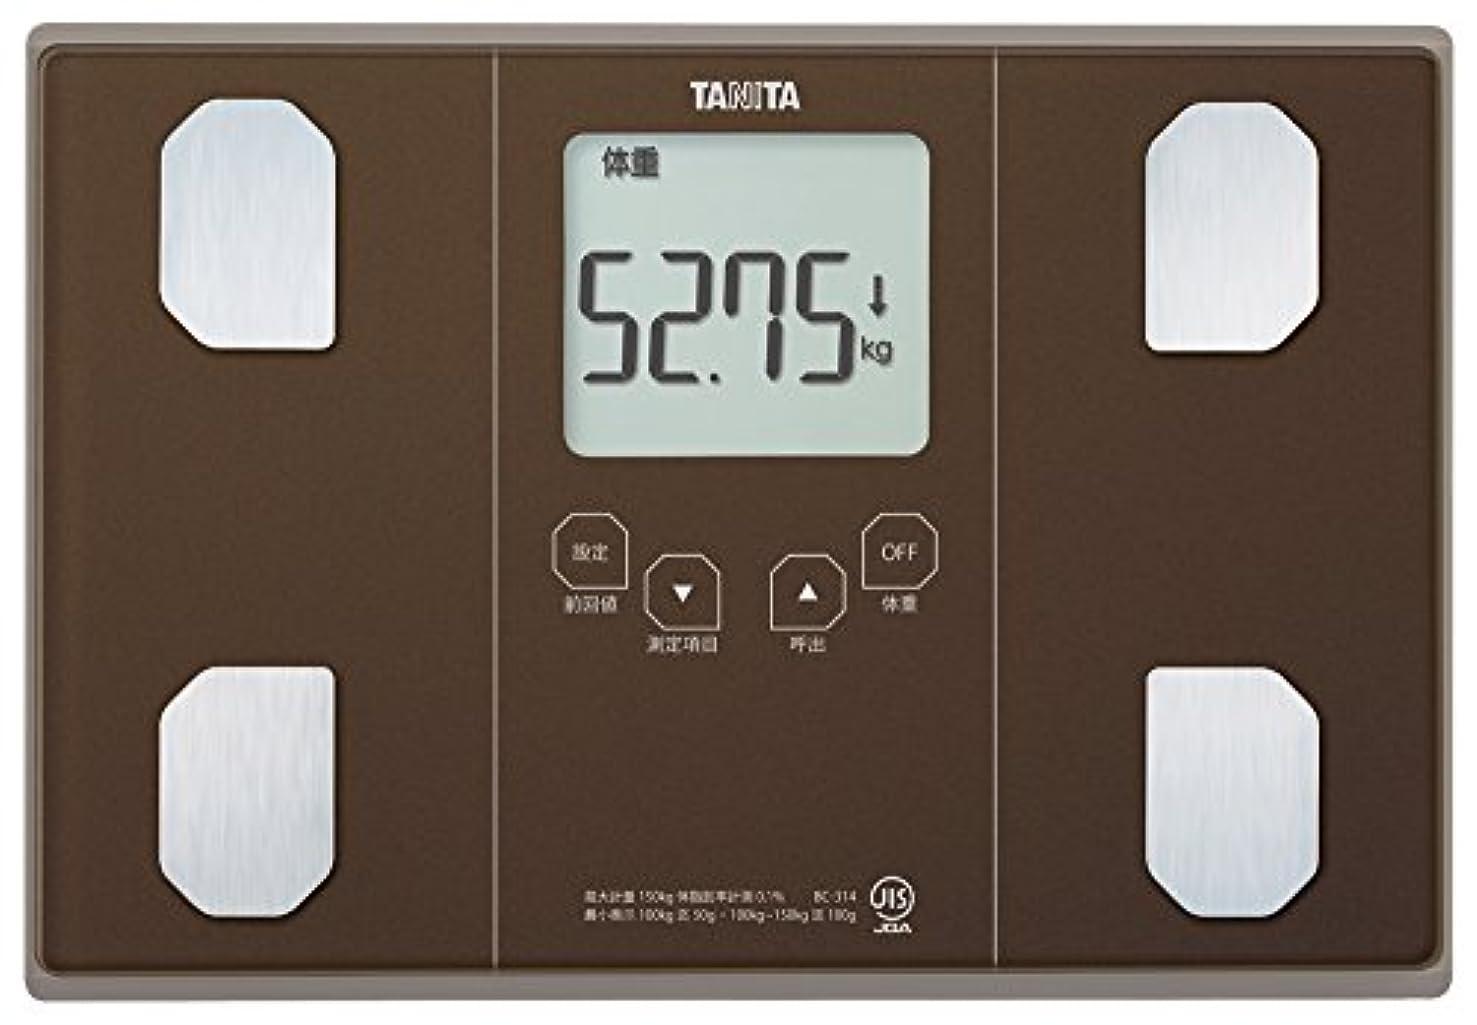 社交的また例示するタニタ 体重 体組成計 50g ブラウン BC-314 BR 自動認識機能付き/立掛け収納OK